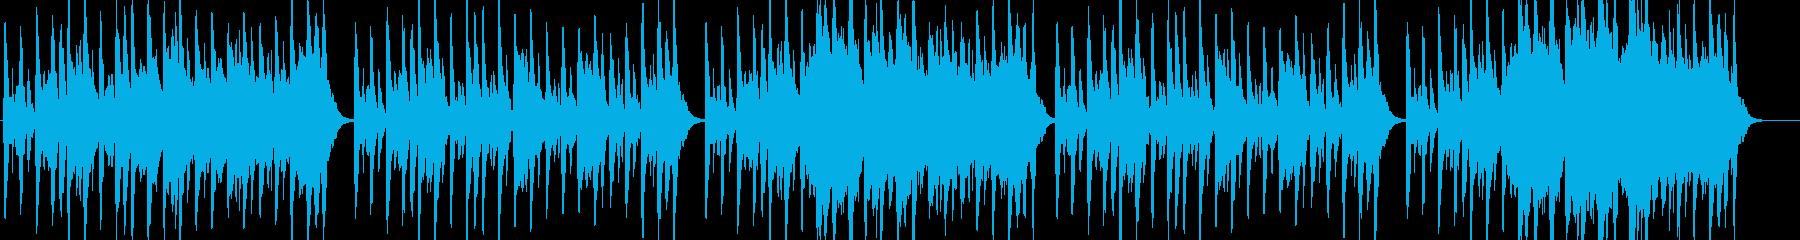 怪し弦あ雰囲気を放つハロウィン風サウンドの再生済みの波形